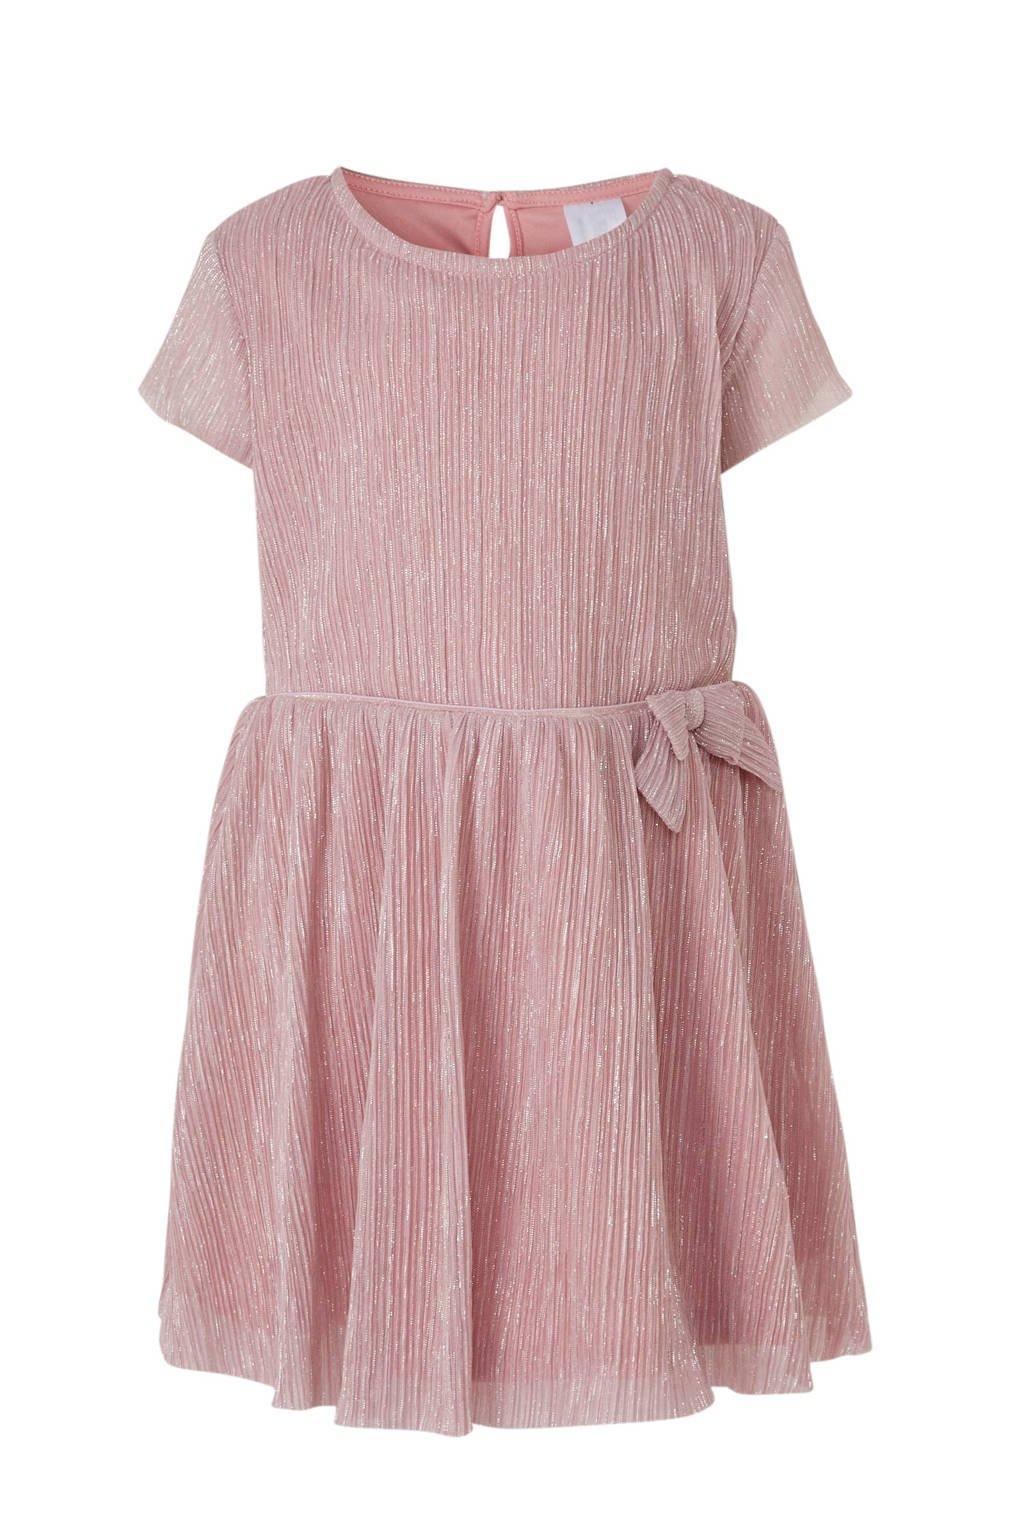 Nieuw C&A Palomino jurk lichtroze | wehkamp SW-22